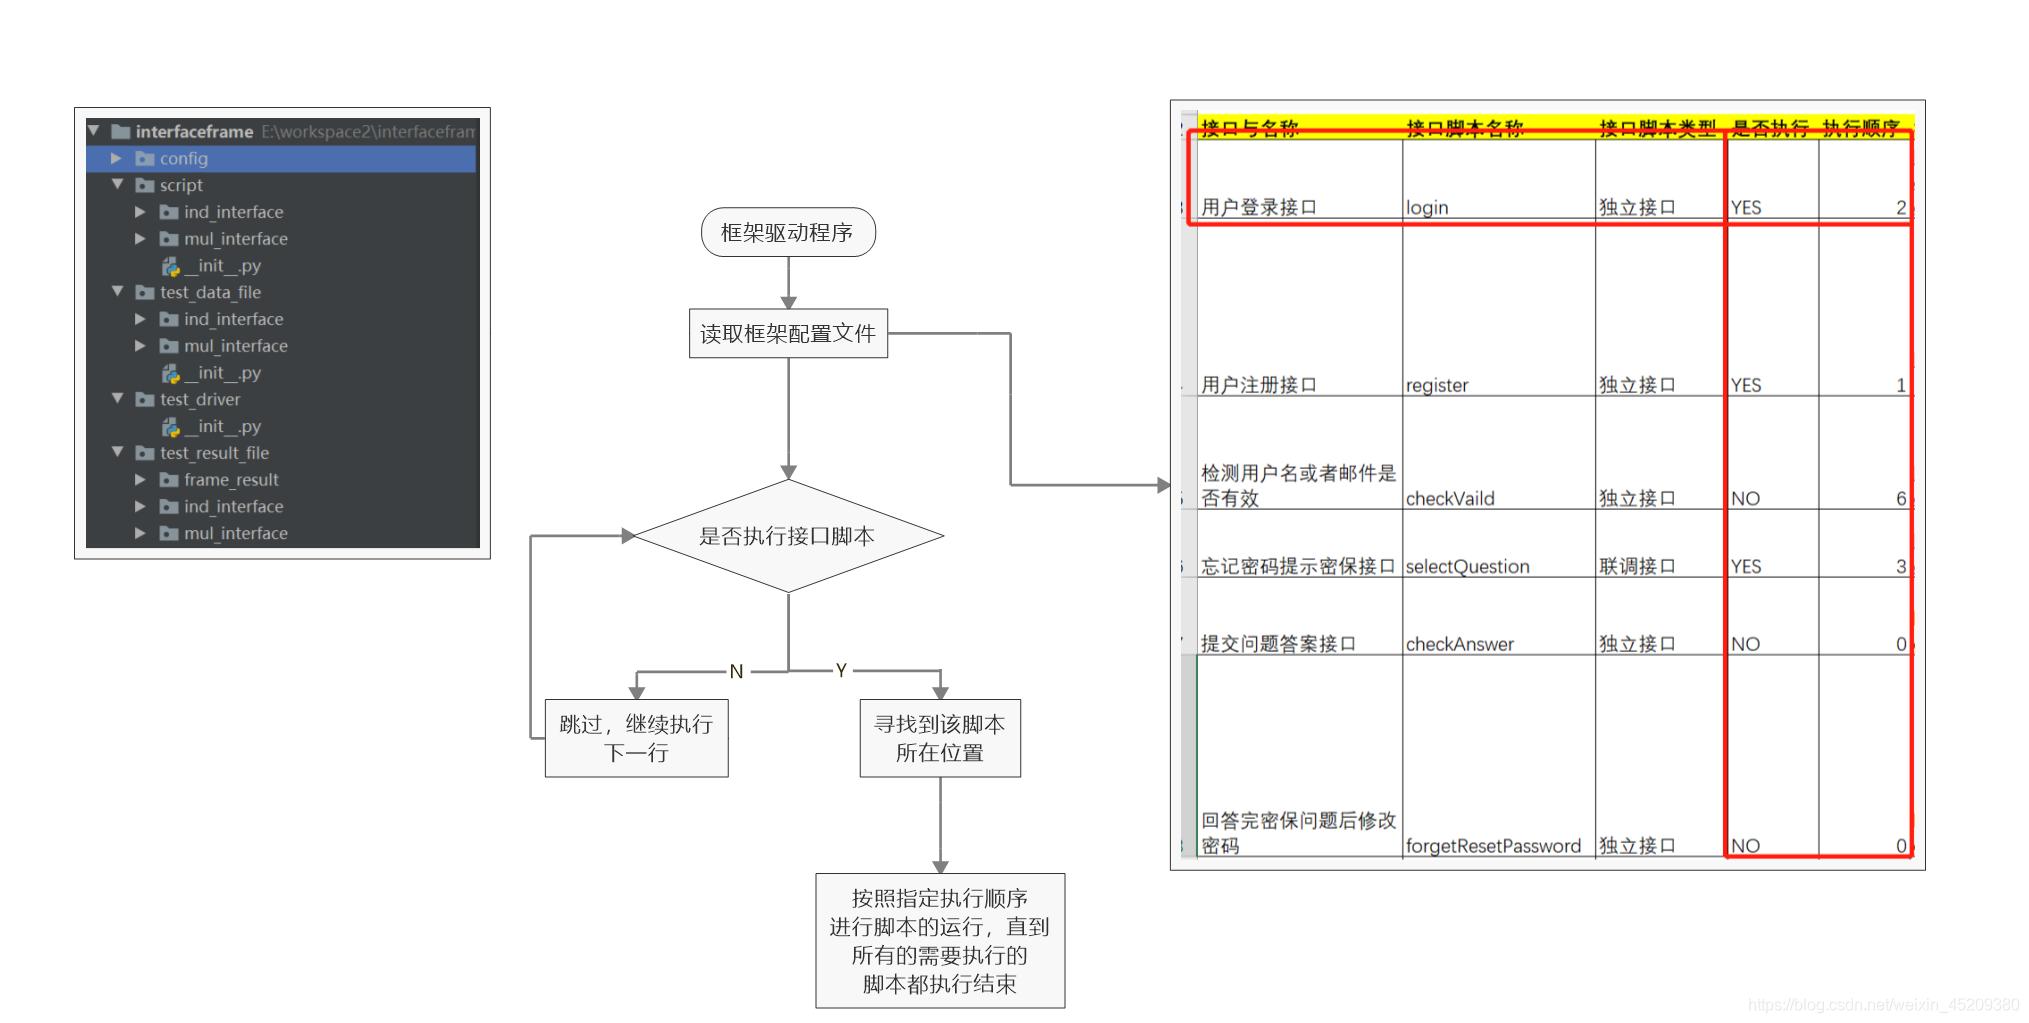 驱动程序流程图